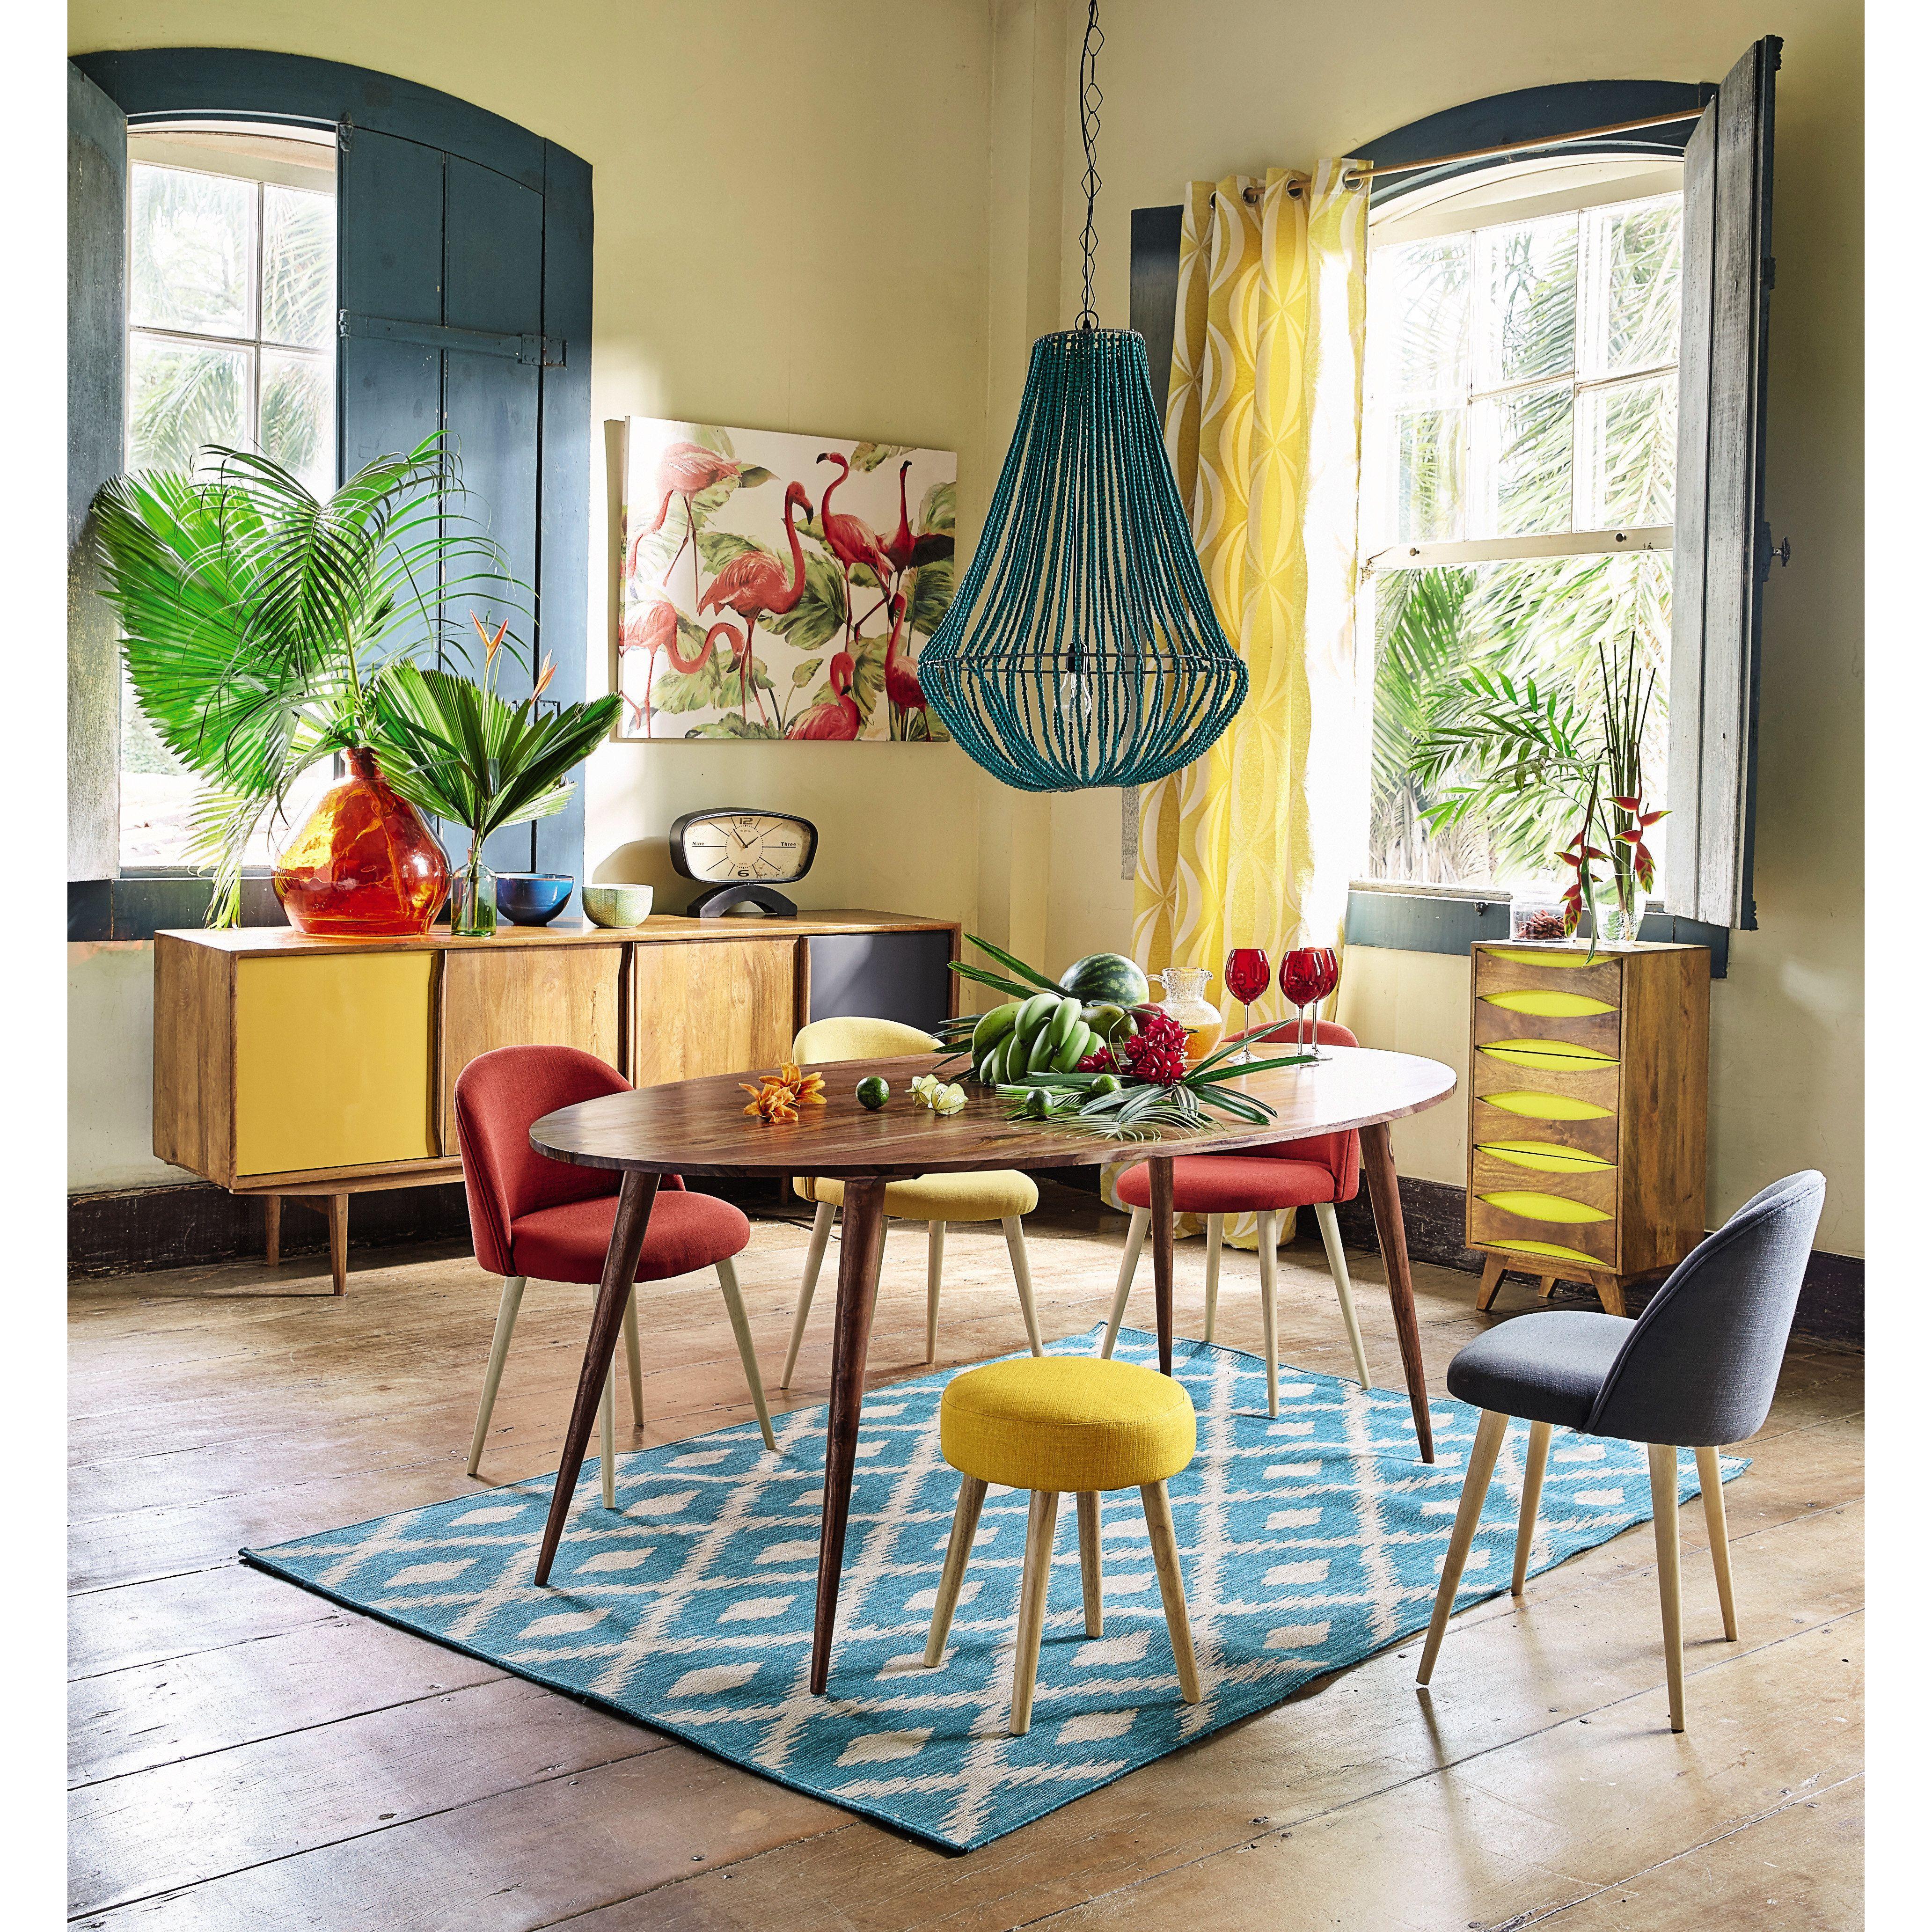 die besten 25 vorhang gelb ideen auf pinterest gelbe schlafzimmer vorh nge dip gef rbte. Black Bedroom Furniture Sets. Home Design Ideas